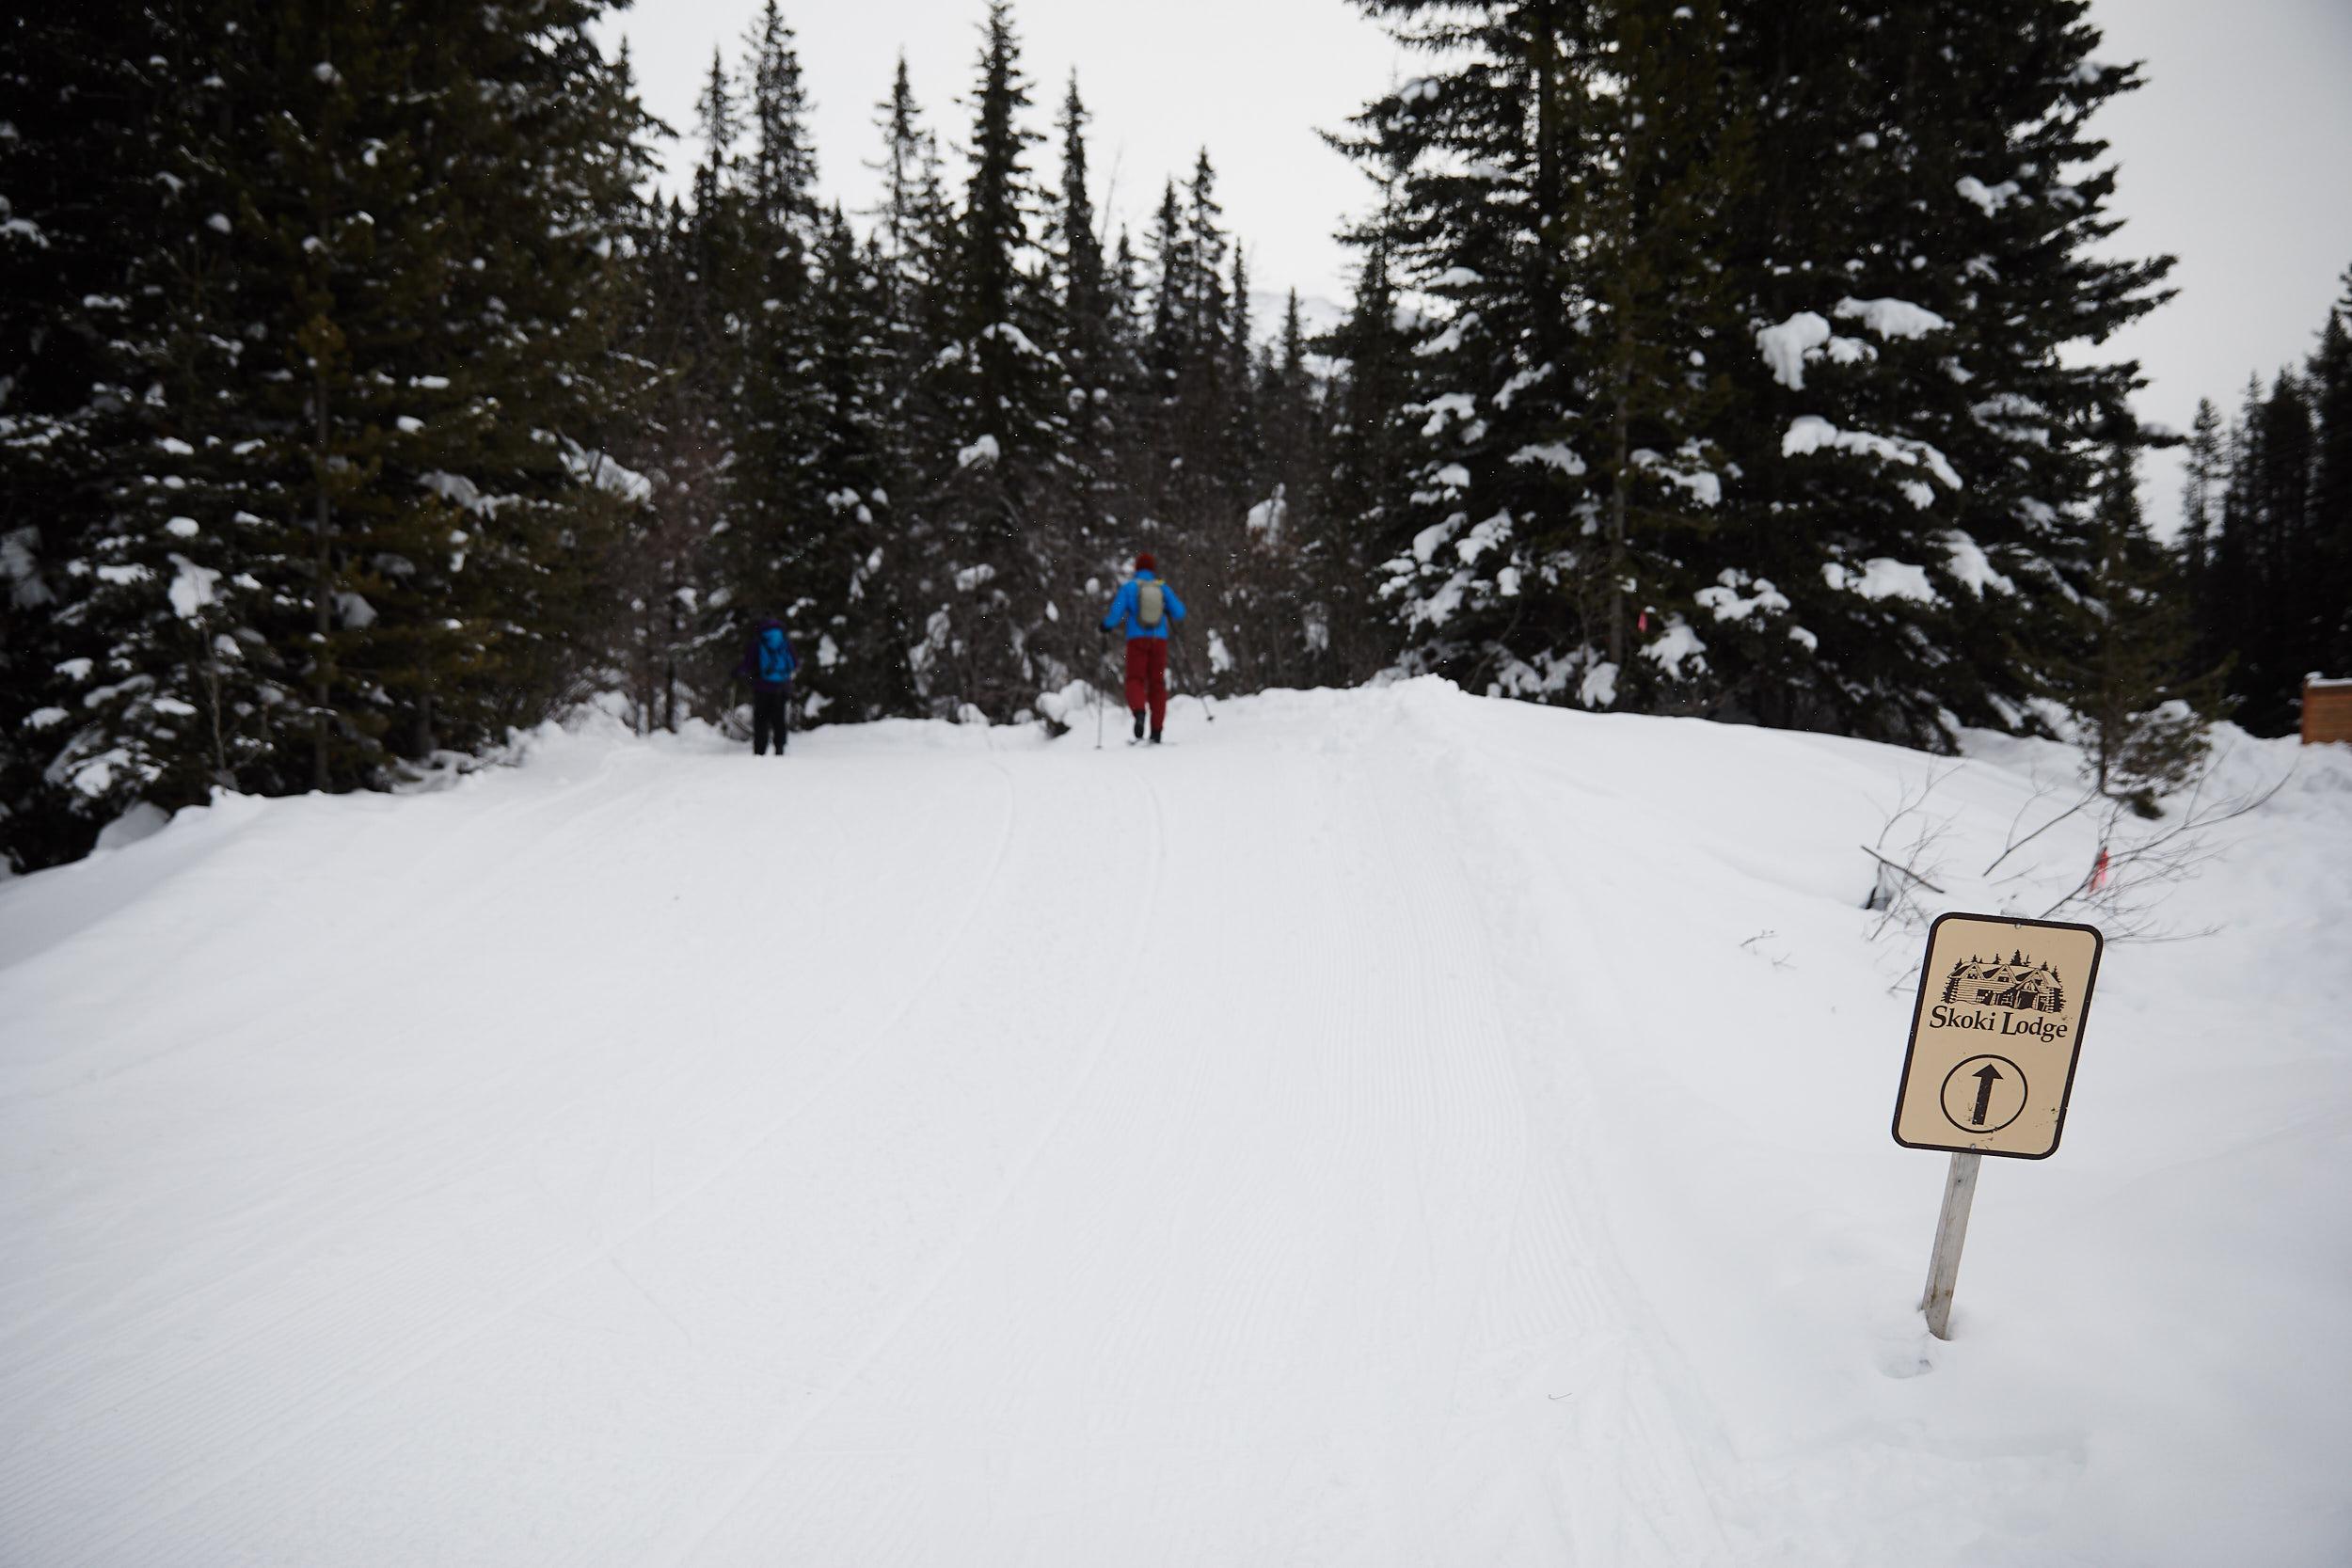 Skoki Lodge 1.jpg